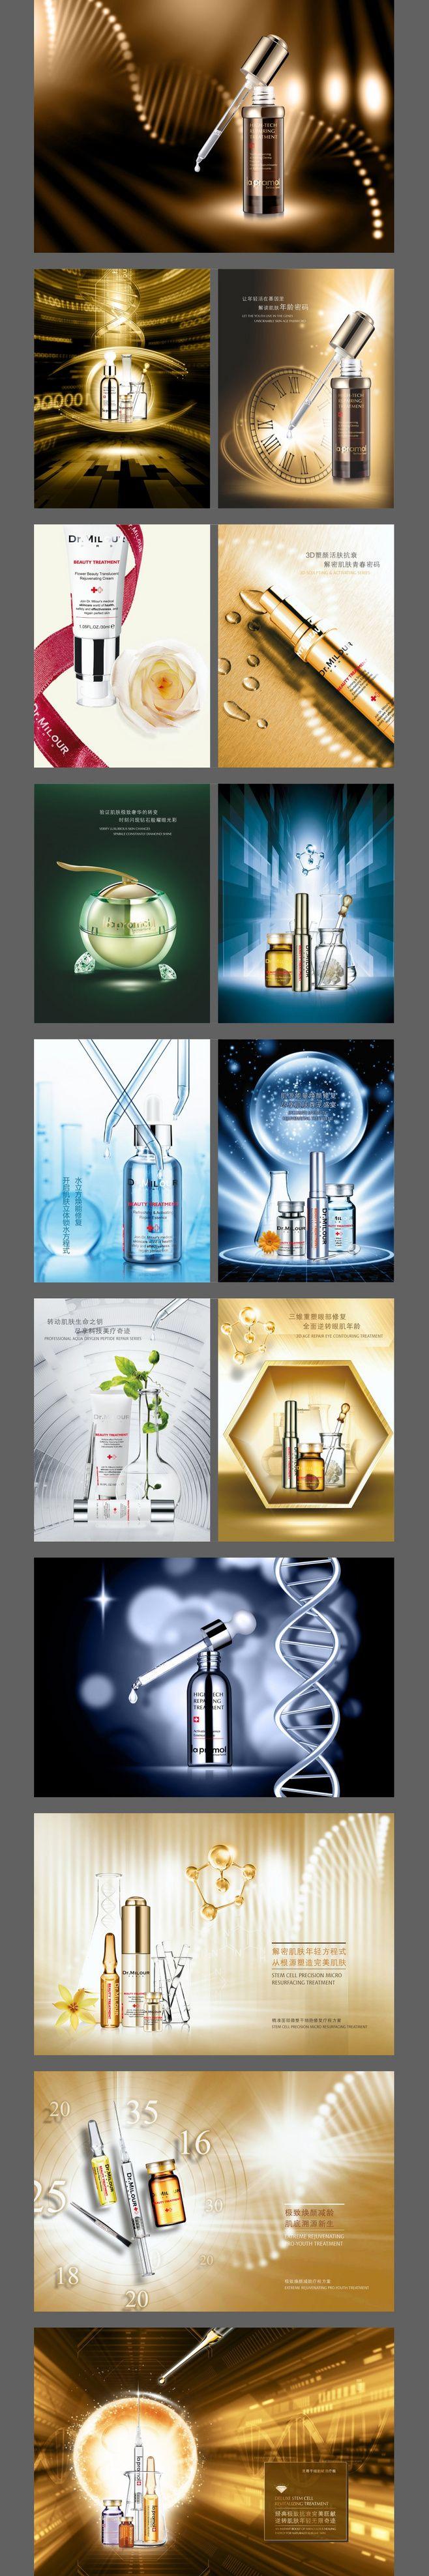 高档护肤品-化妆品创意海报设计-海报-平...